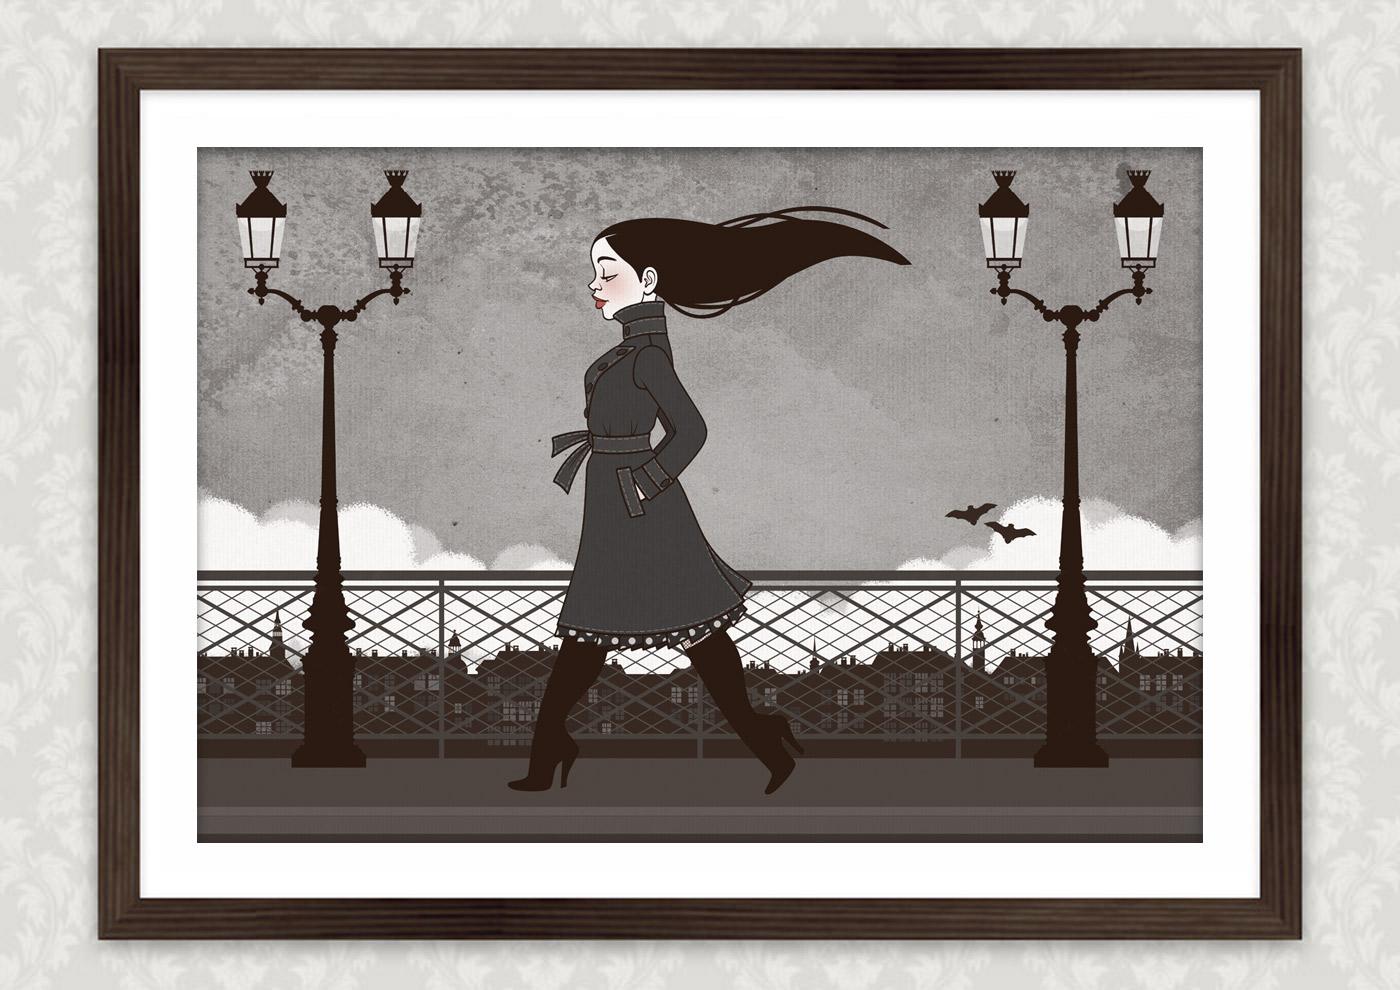 Kunstdruck vom Vampirmädchen Carmilla beim Abendspaziergang über die Brücken von Paris, mit Fledermäusen und Regenhimmel